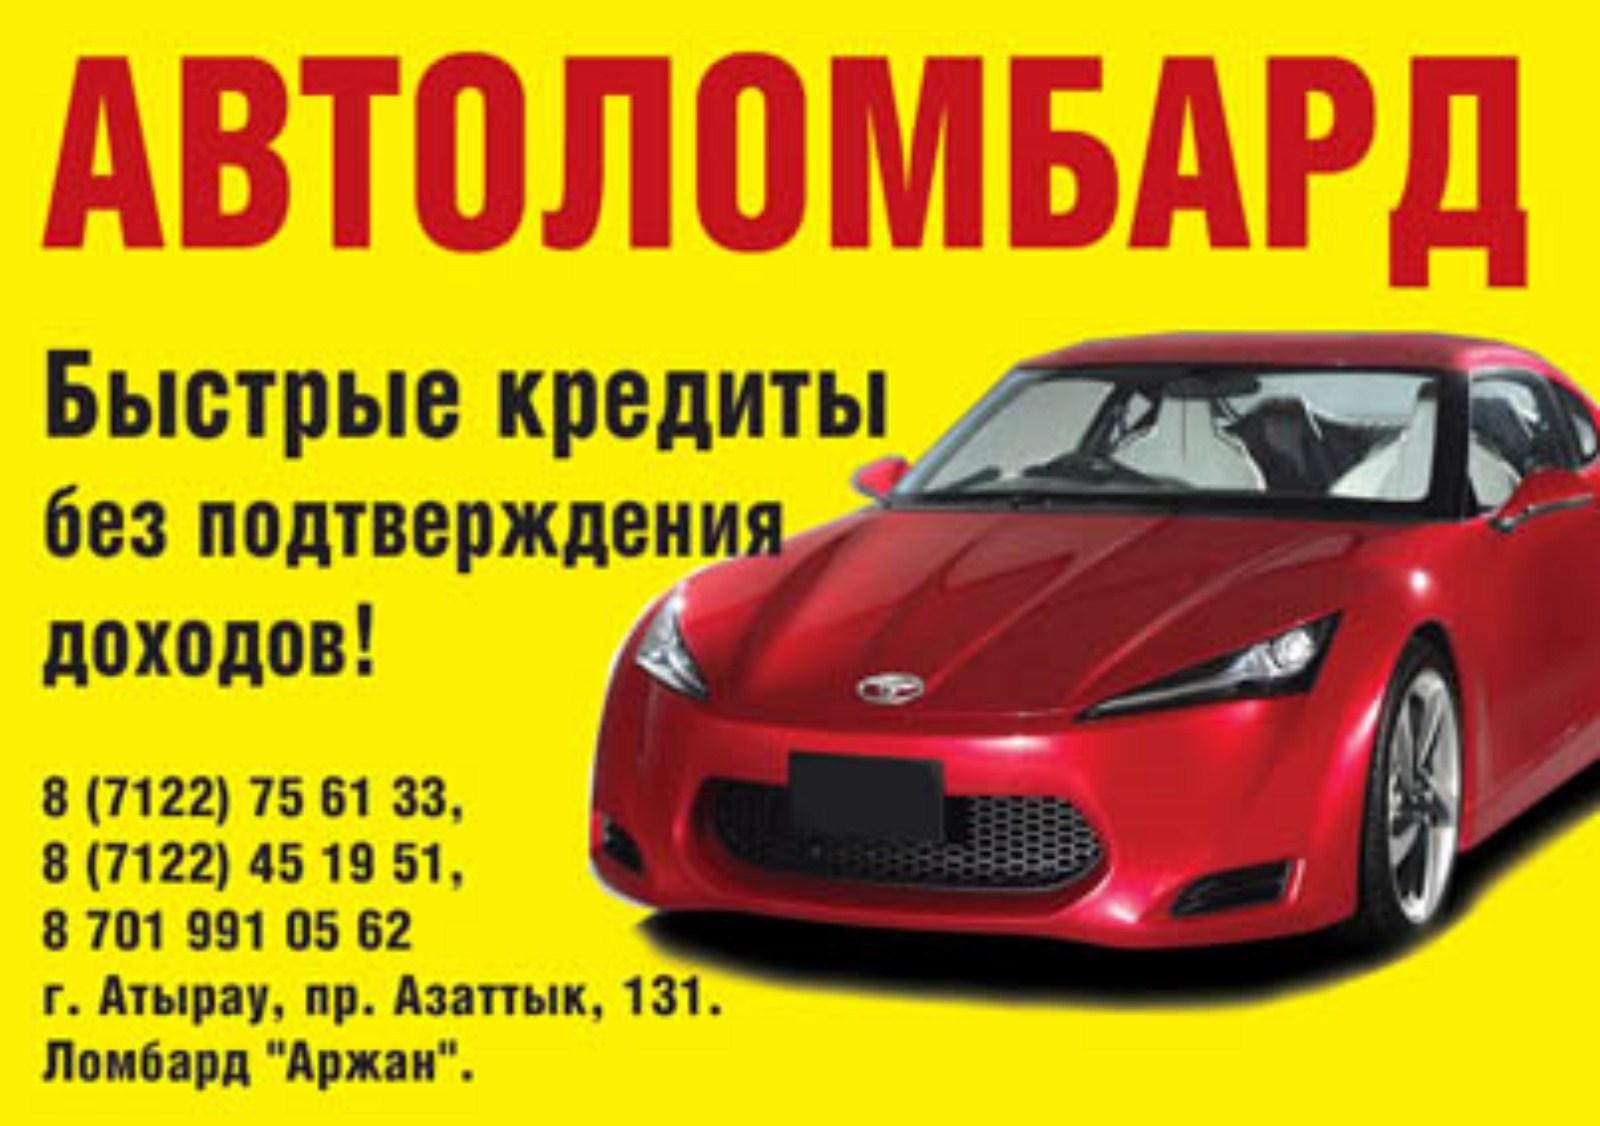 Автоломбард атырау автосалон киа в москве официальный дилер на тульской